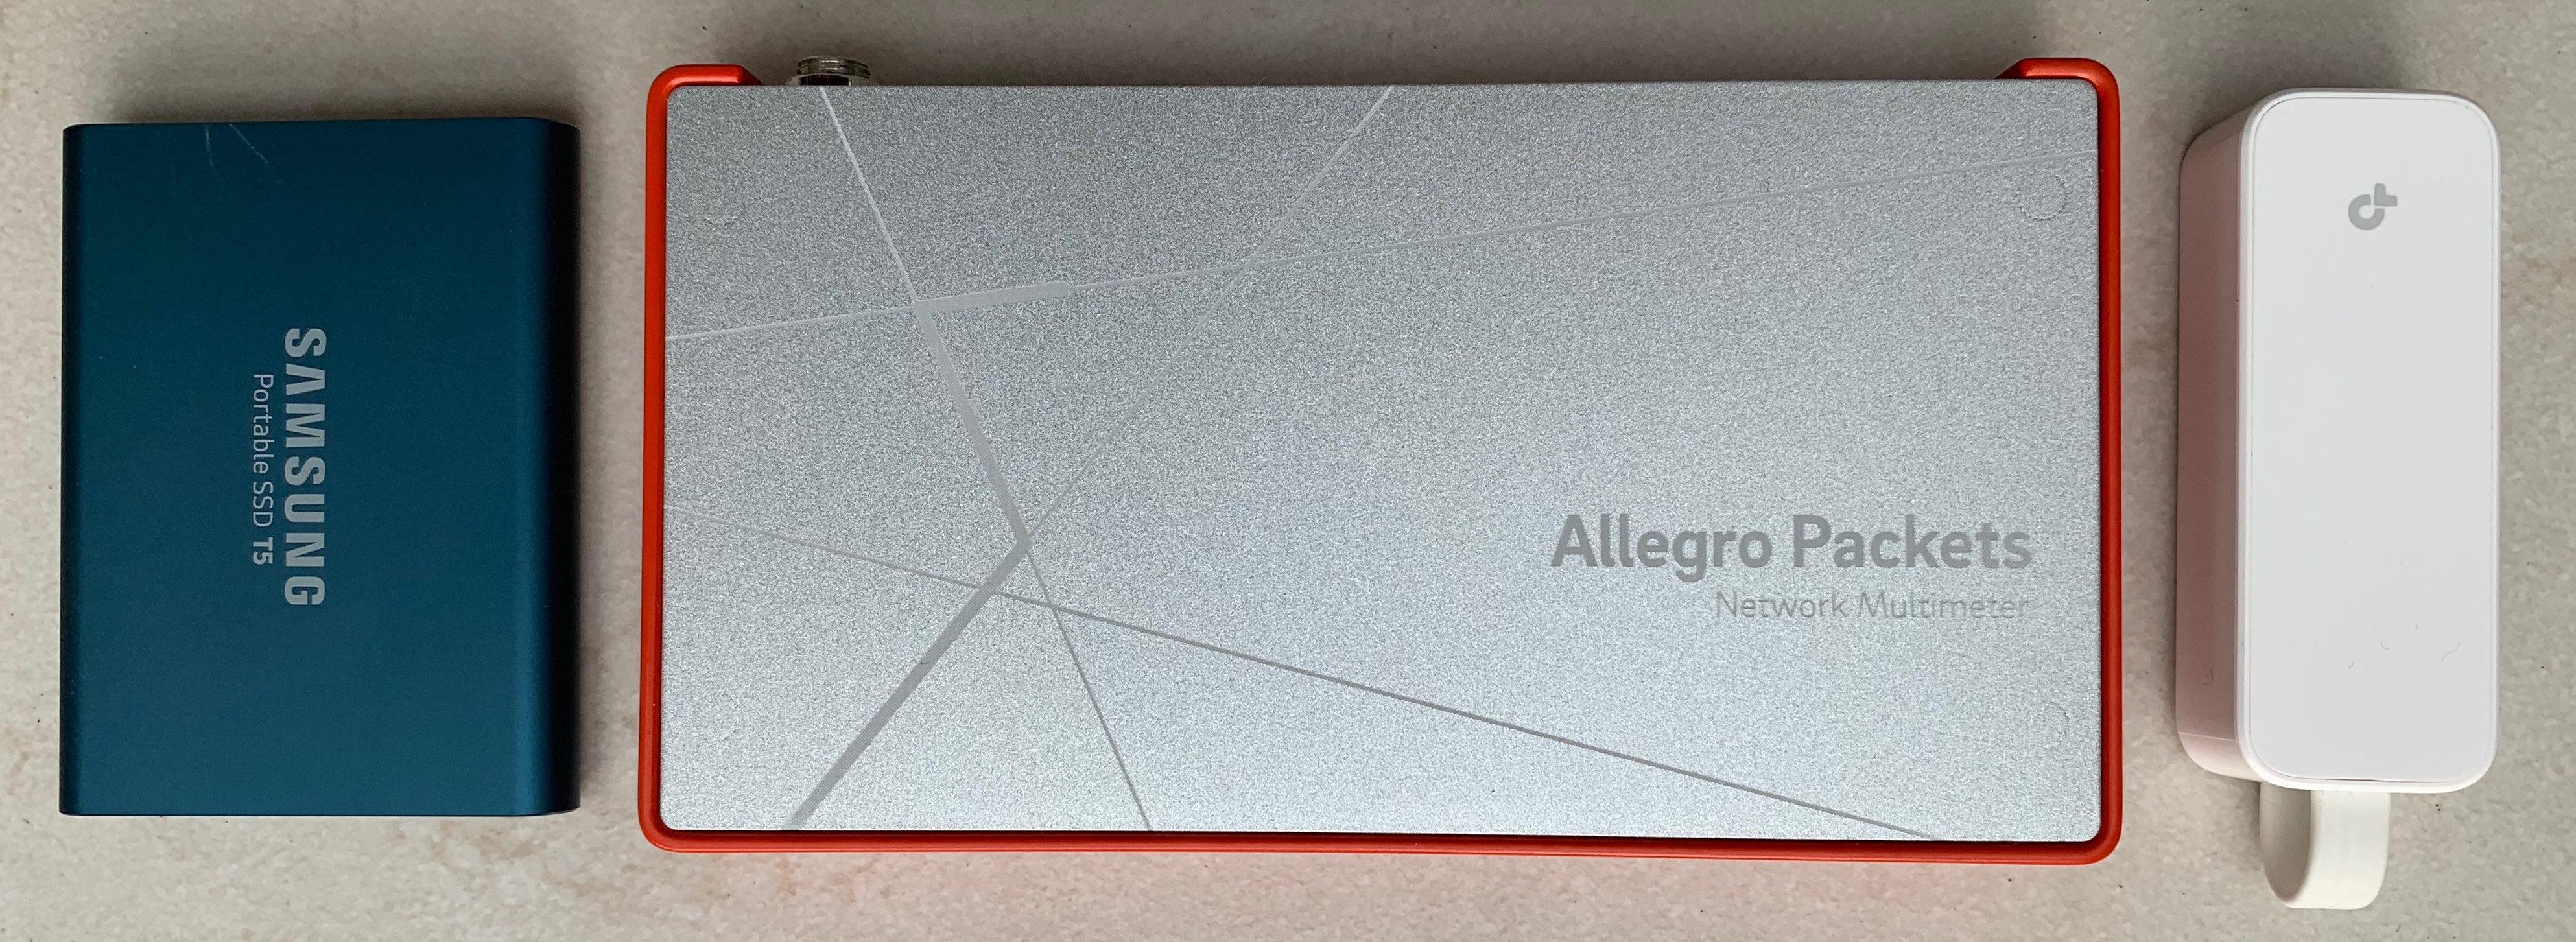 Allegro TPLink und Samsung